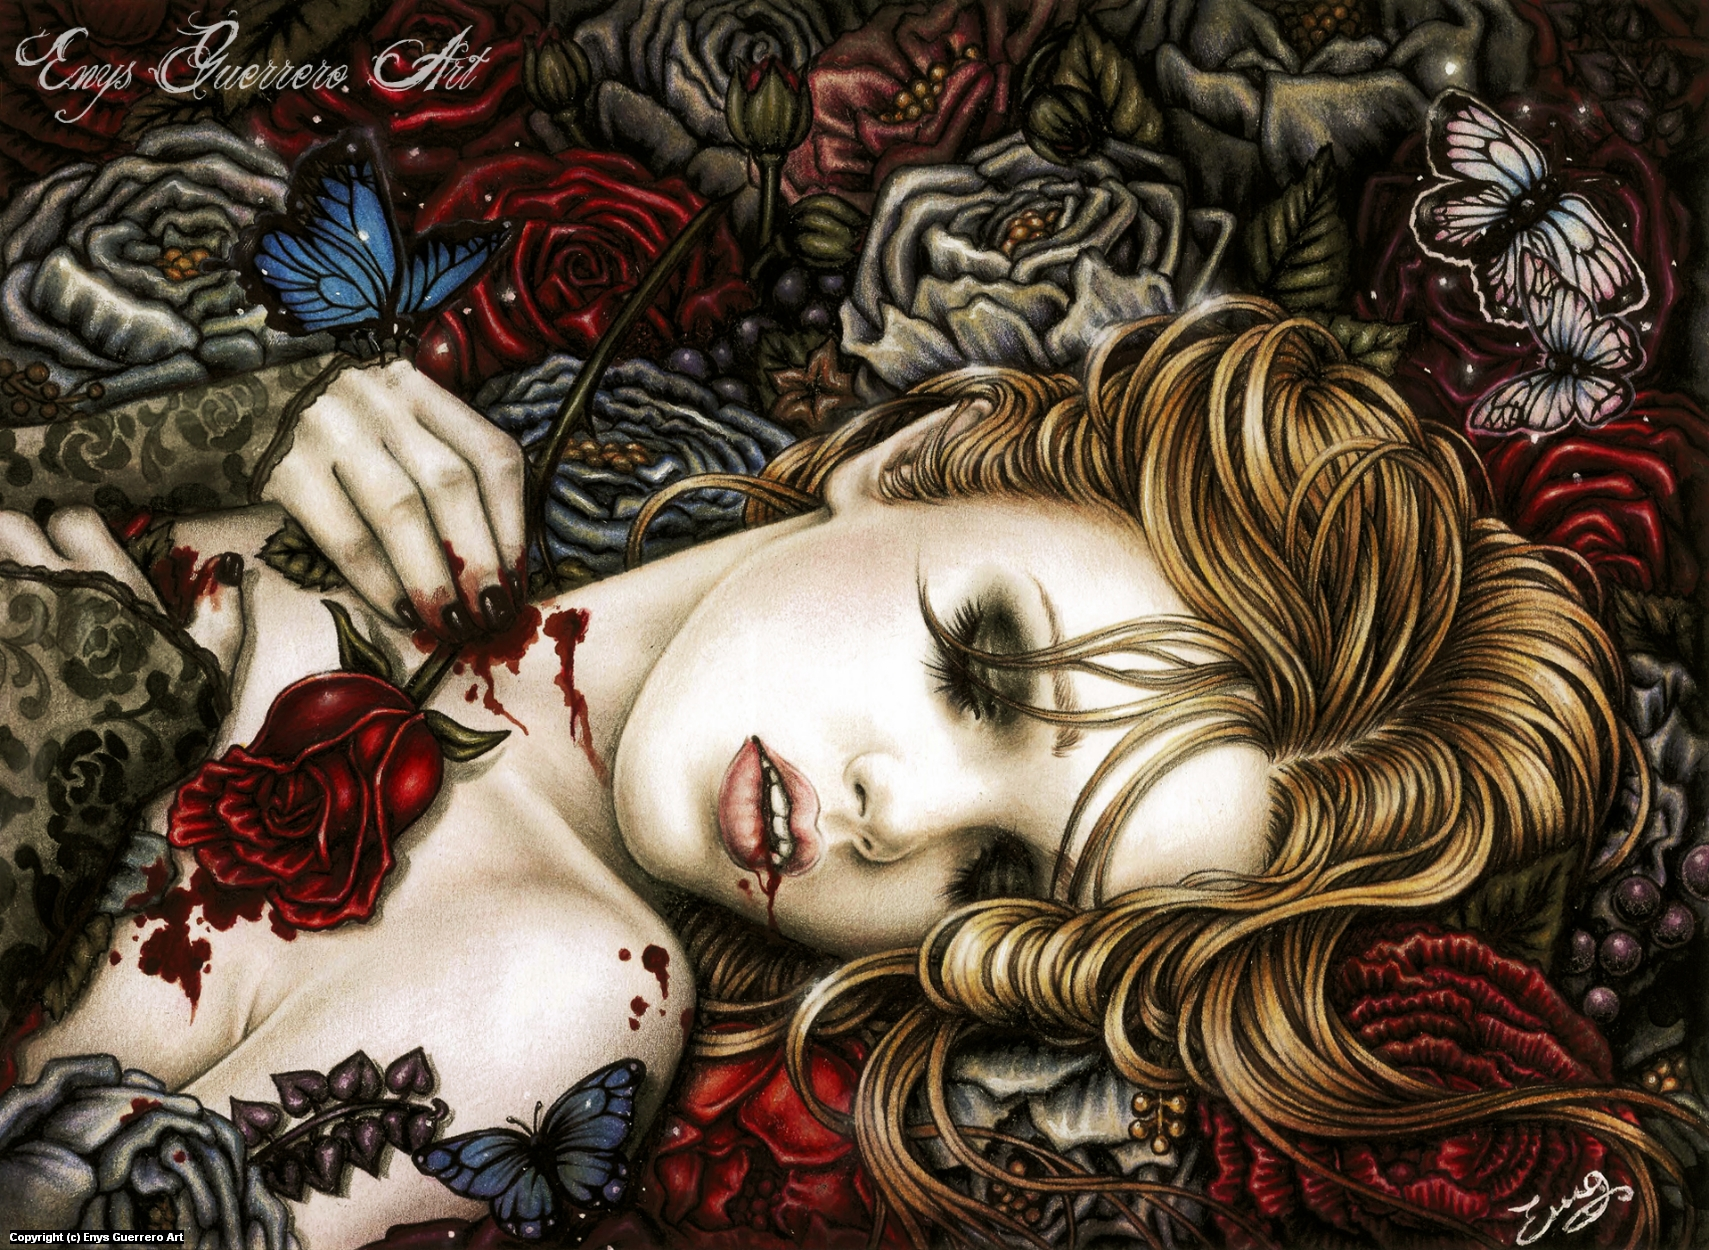 Ecstasy into the savage garden Artwork by Enys Guerrero